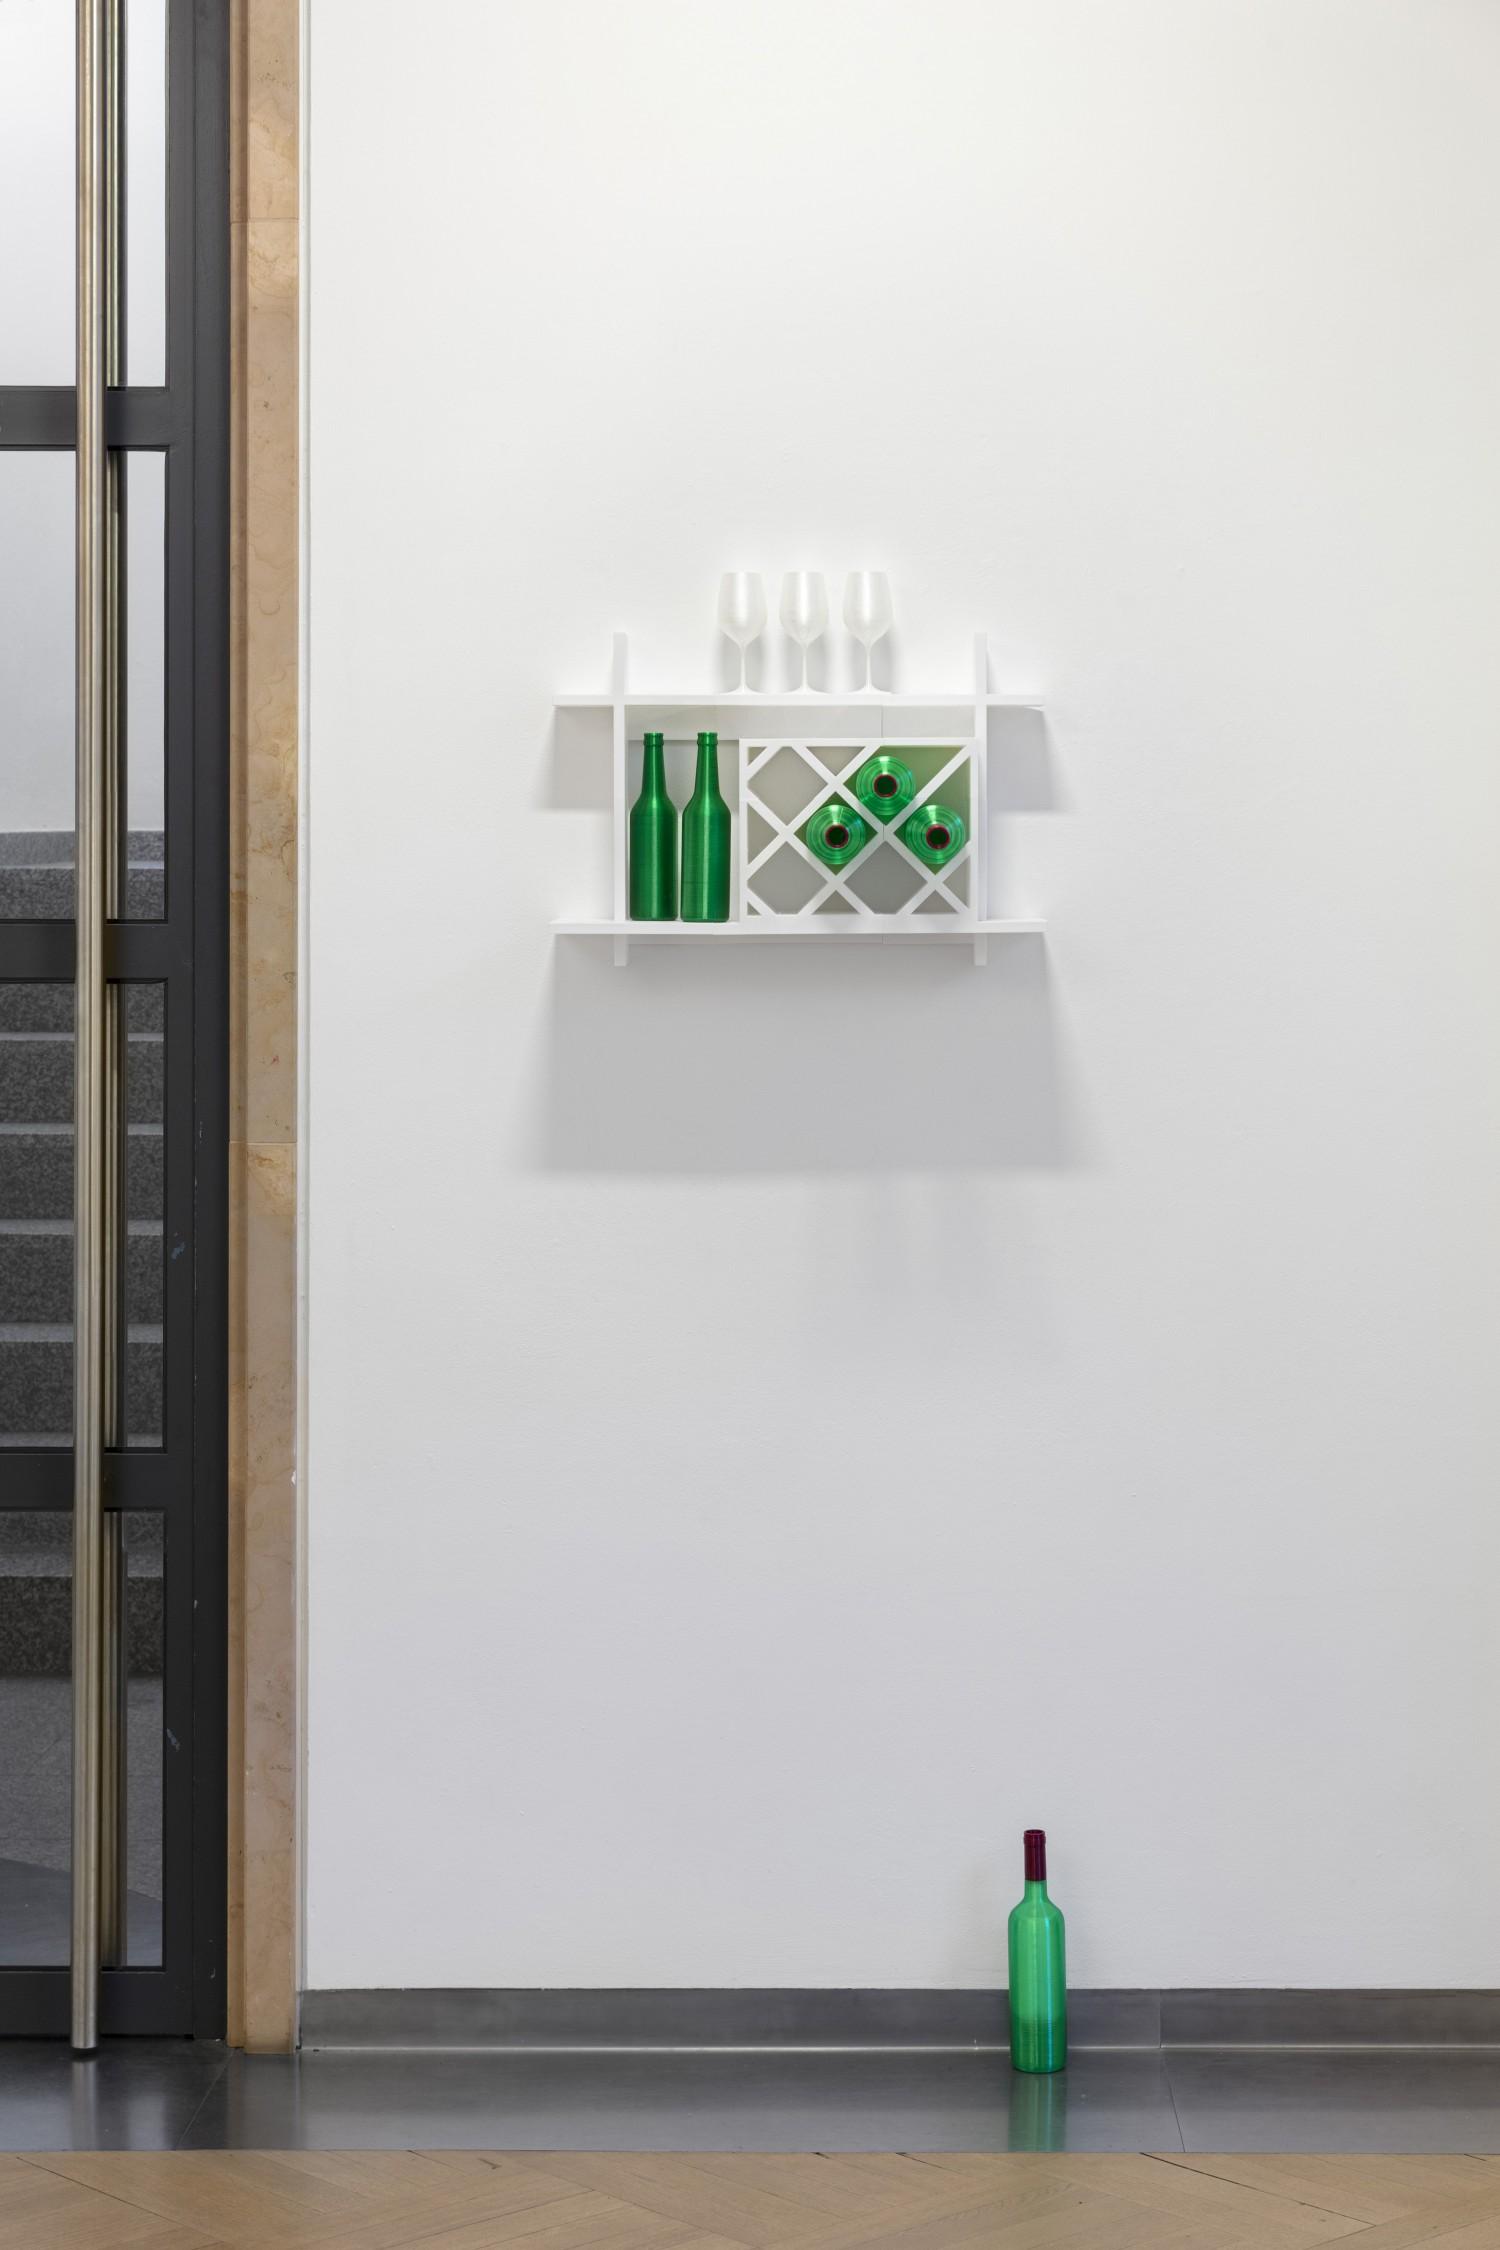 Ein 3D-gedrucktes weißes Wandregal, in dem 3D-gedruckte grüne Flaschen und weiße Gläser stehen. Eine Flasche steht unter dem Regal auf dem Boden.